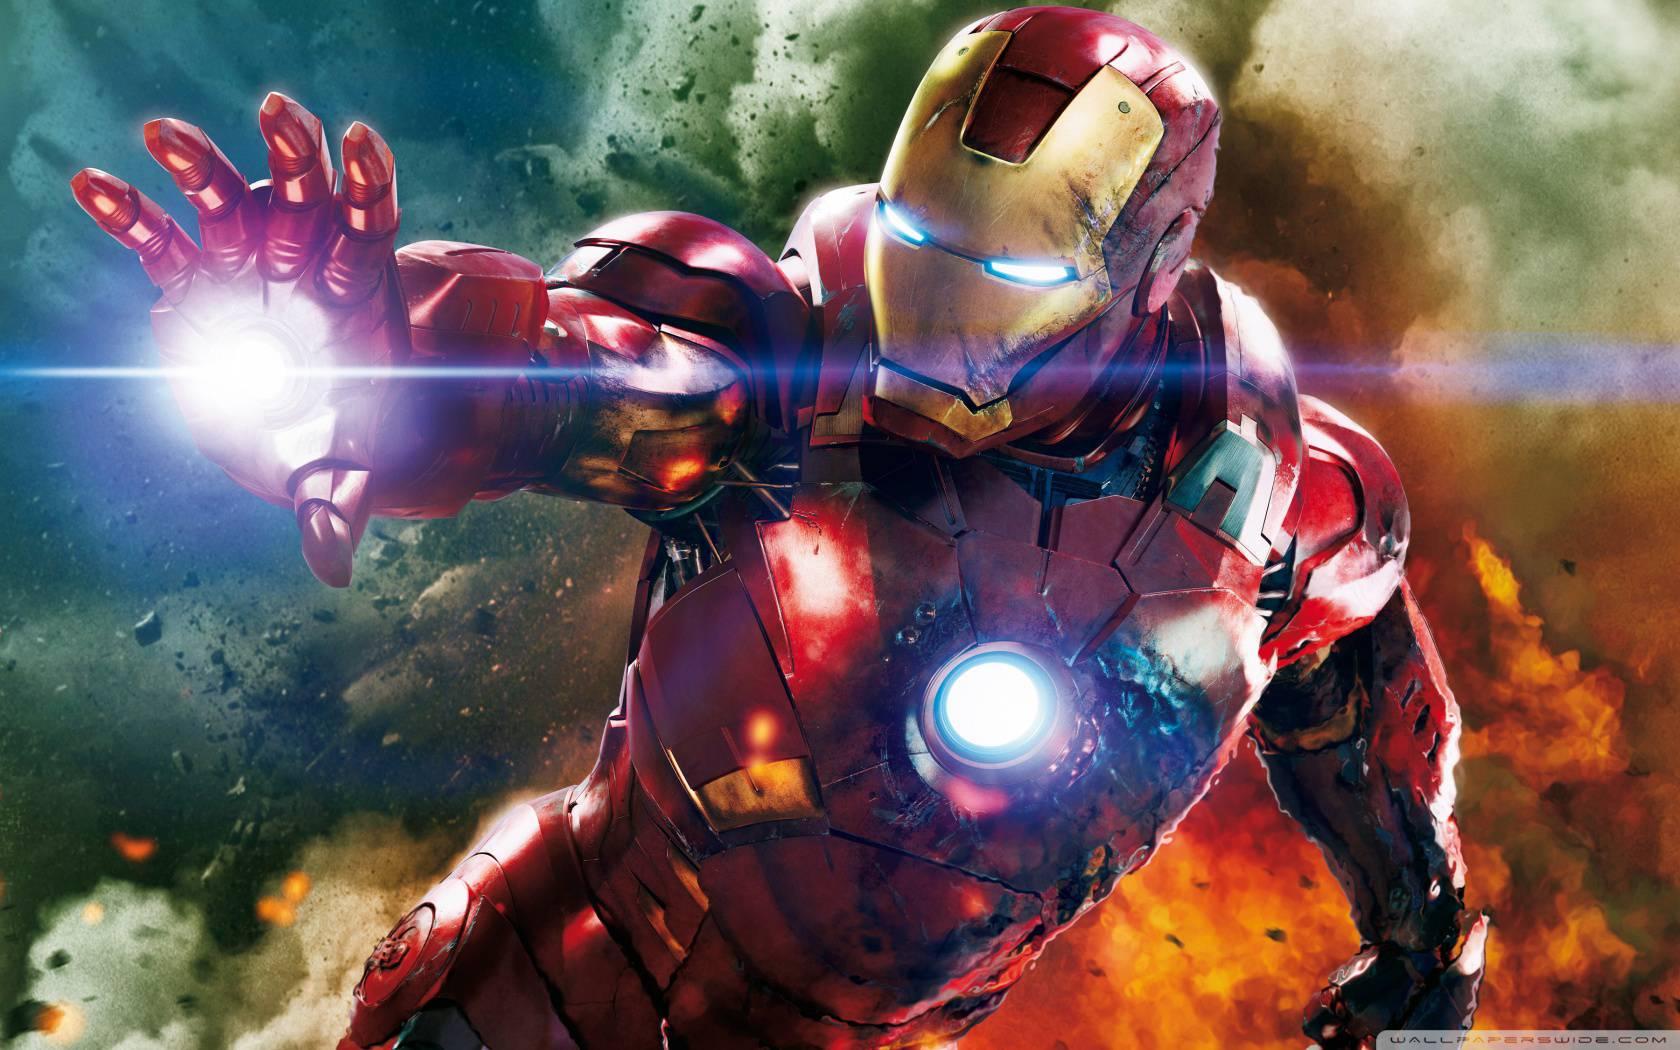 Ποιος είναι ο δυνατότερος Avenger στο MCU; - Geekdom Cinema/TV 10